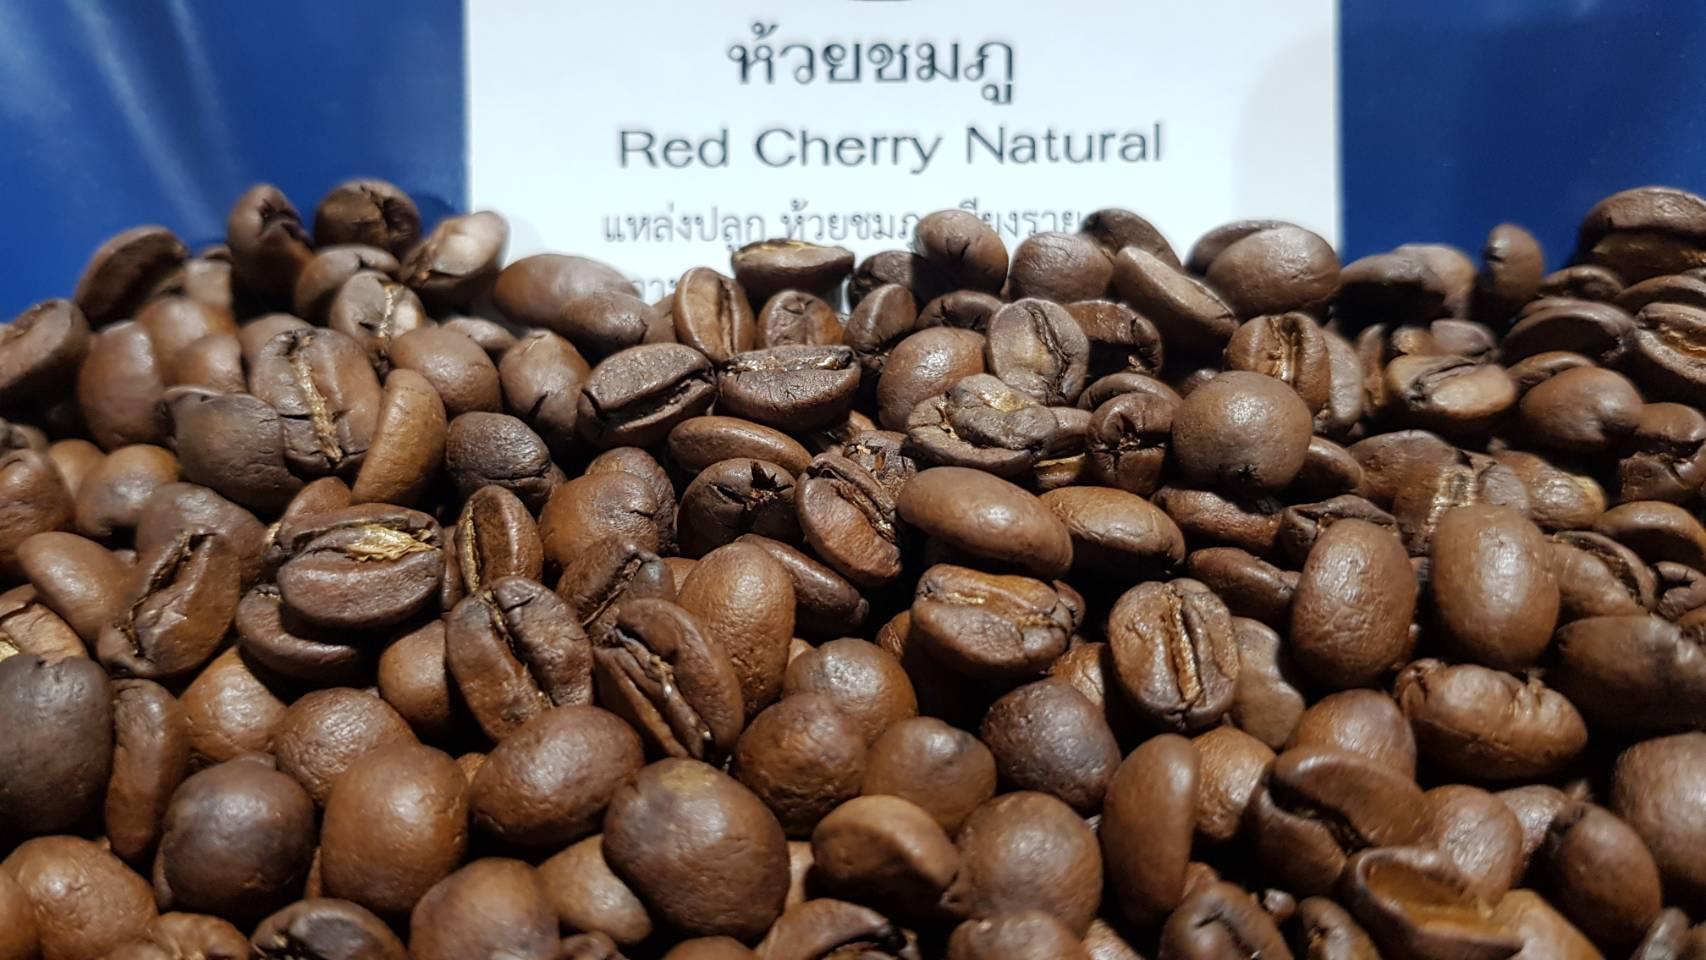 เมล็ดกาแฟคั่ว-ห้วยชมภู-Red-Natural-250g